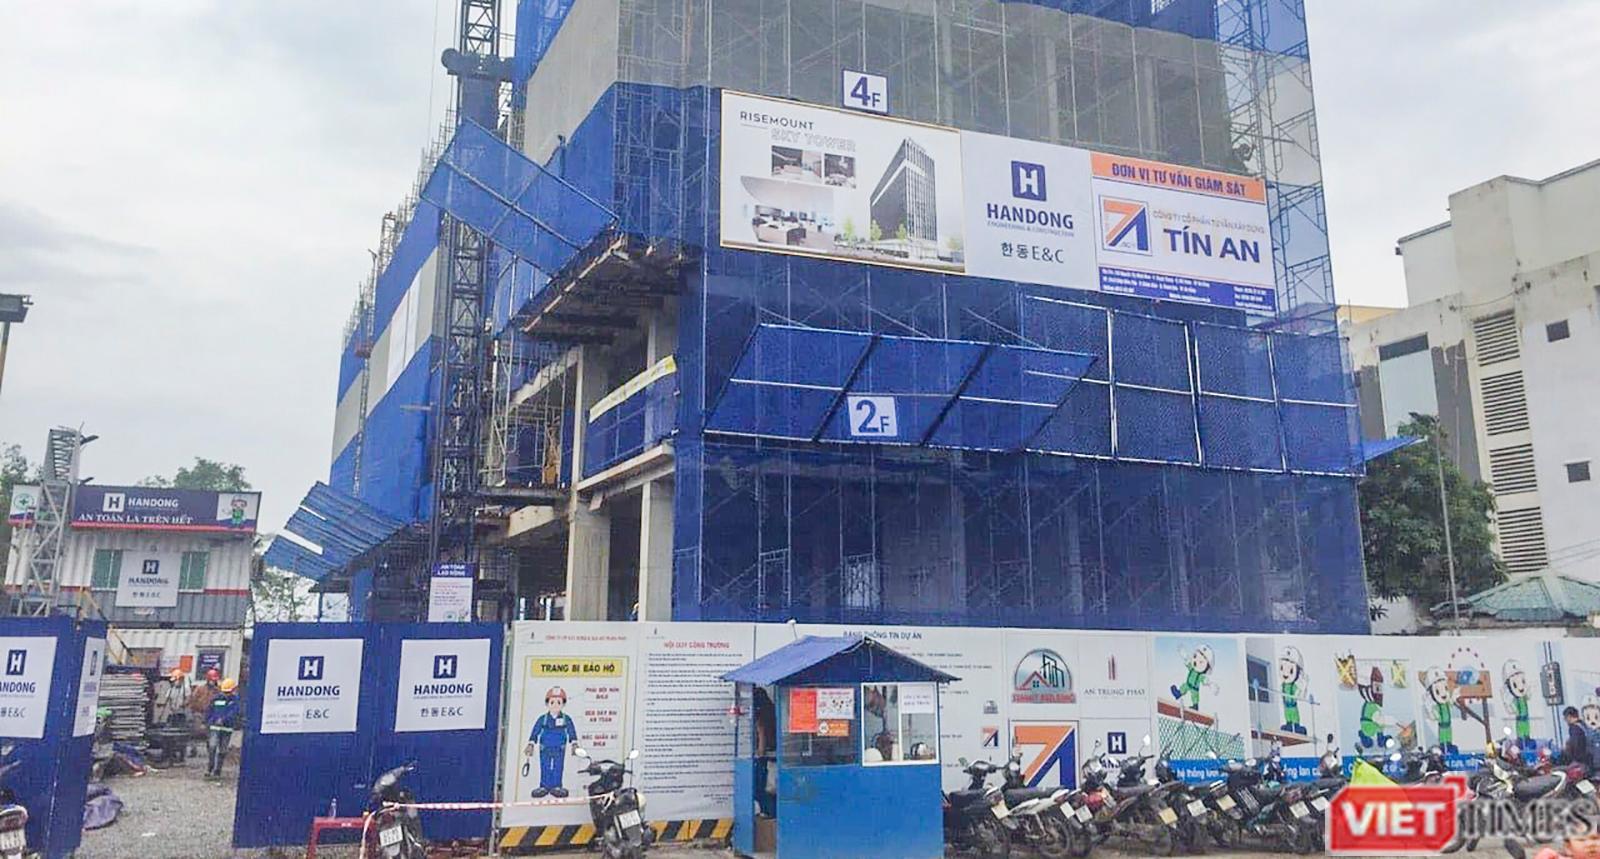 Đà Nẵng: Thêm công trình cao tầng xây sai phép bị xử lý - Ảnh 1.